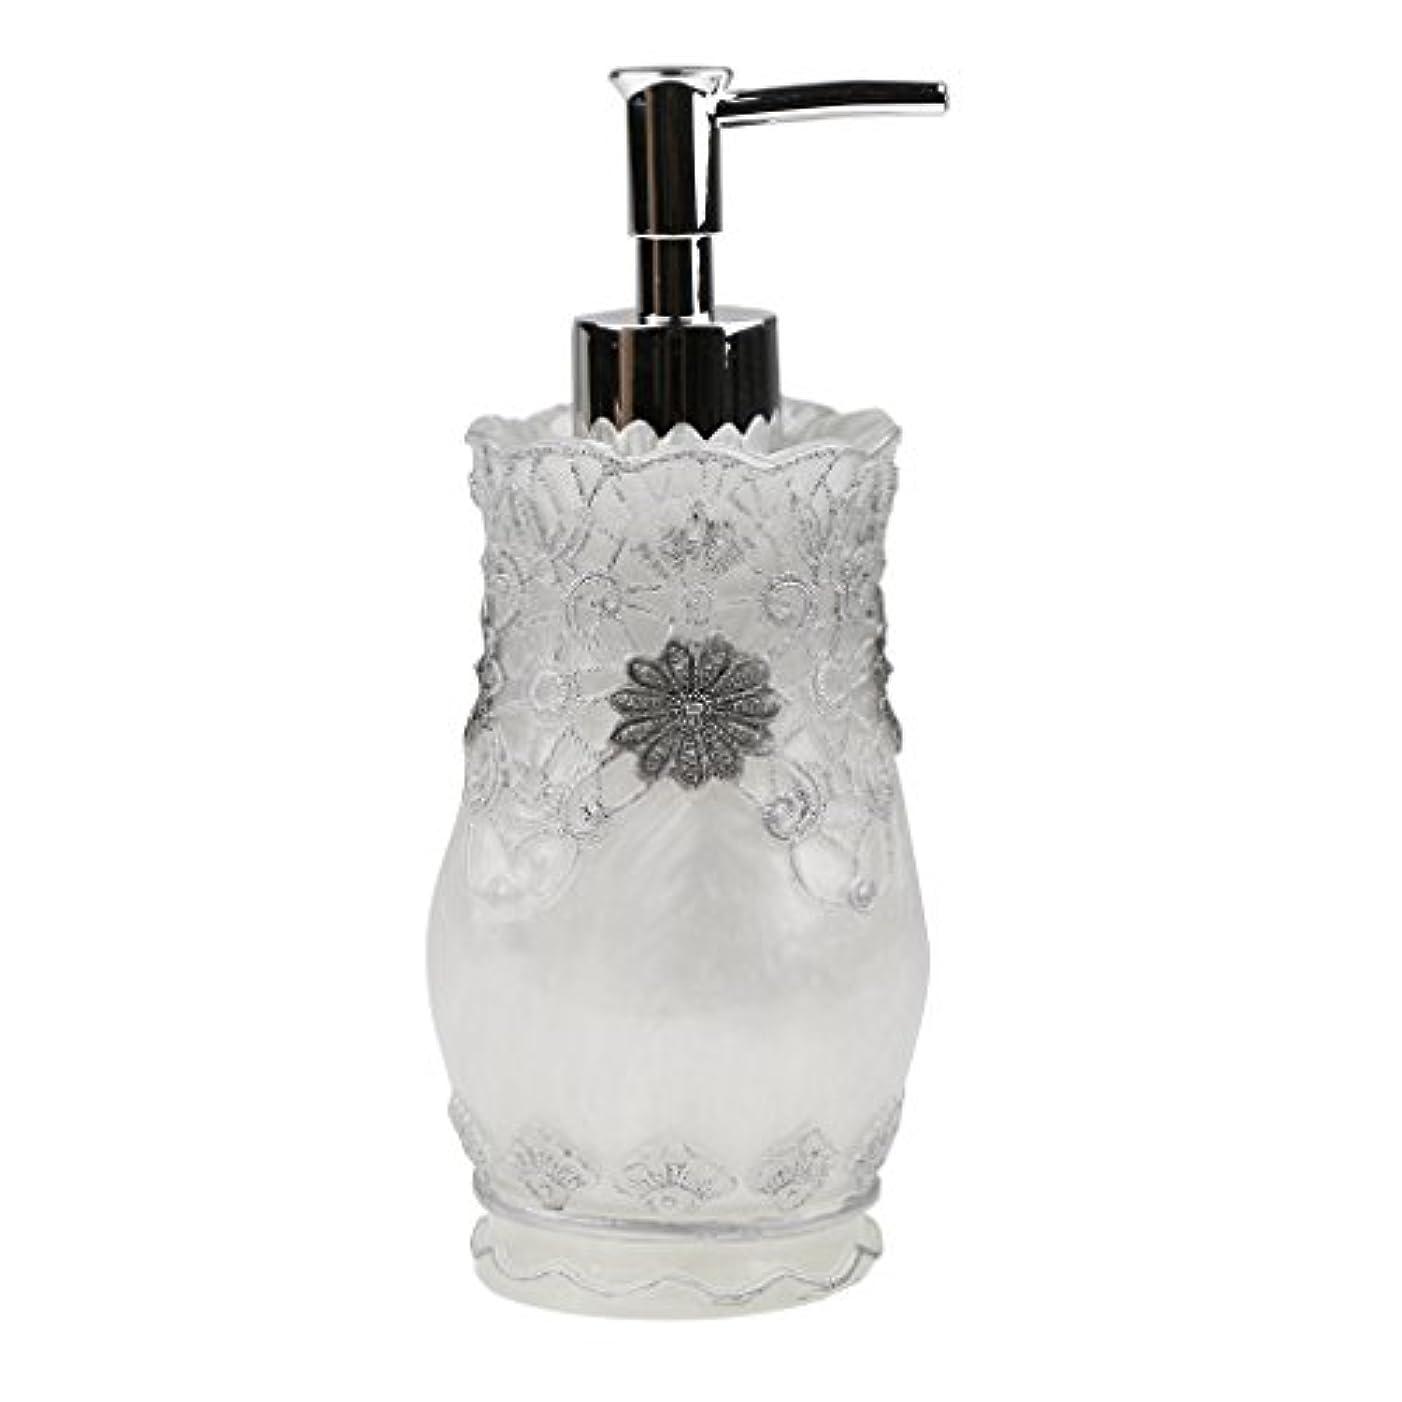 シティケイ素塊液体ソープ シャンプー用 空 シャンプー ボトル 詰め替えボトル 美しい エレガント デザイン 全4種類 - #2